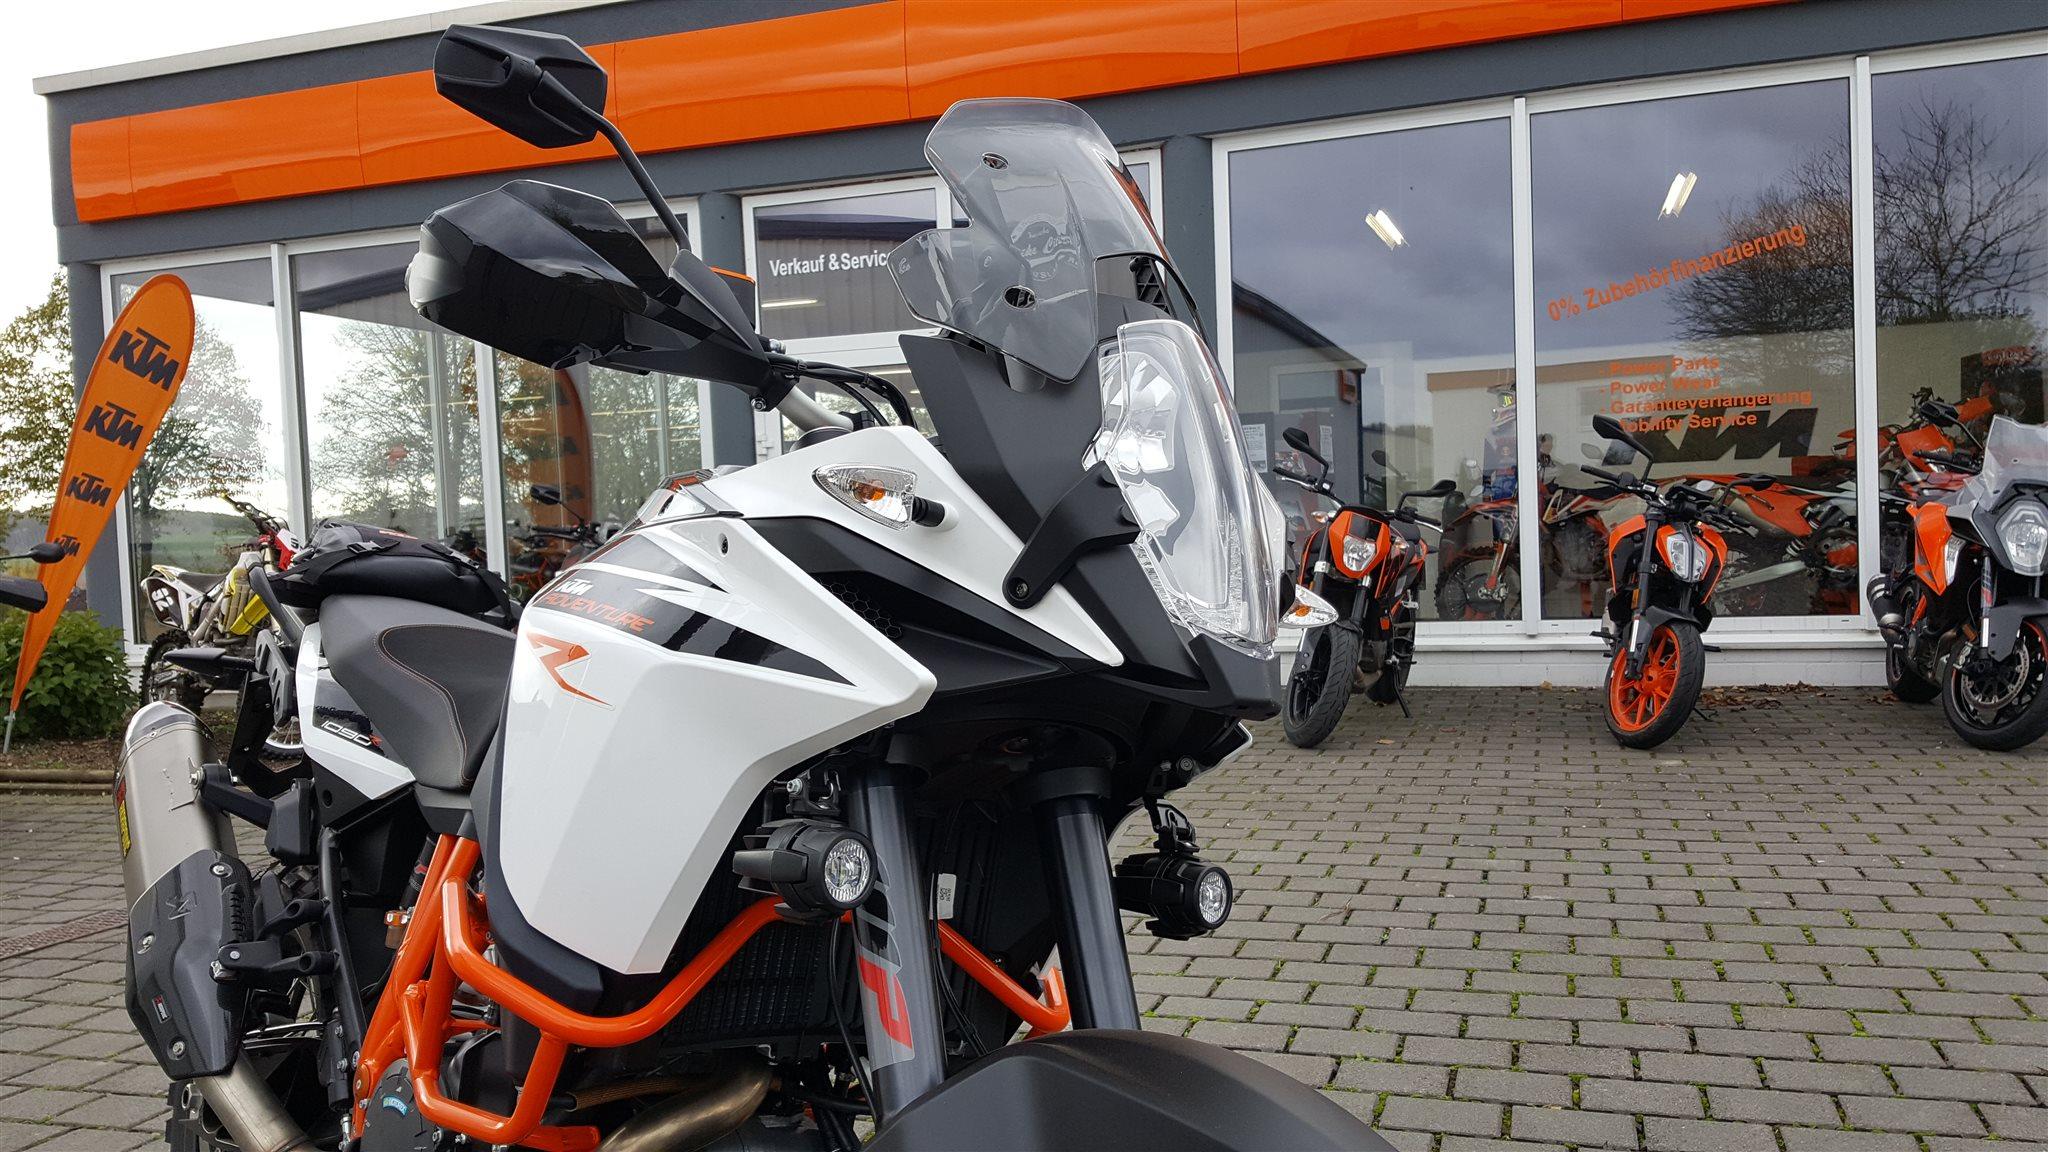 umgebautes motorrad ktm 1090 adventure r von biker s point. Black Bedroom Furniture Sets. Home Design Ideas